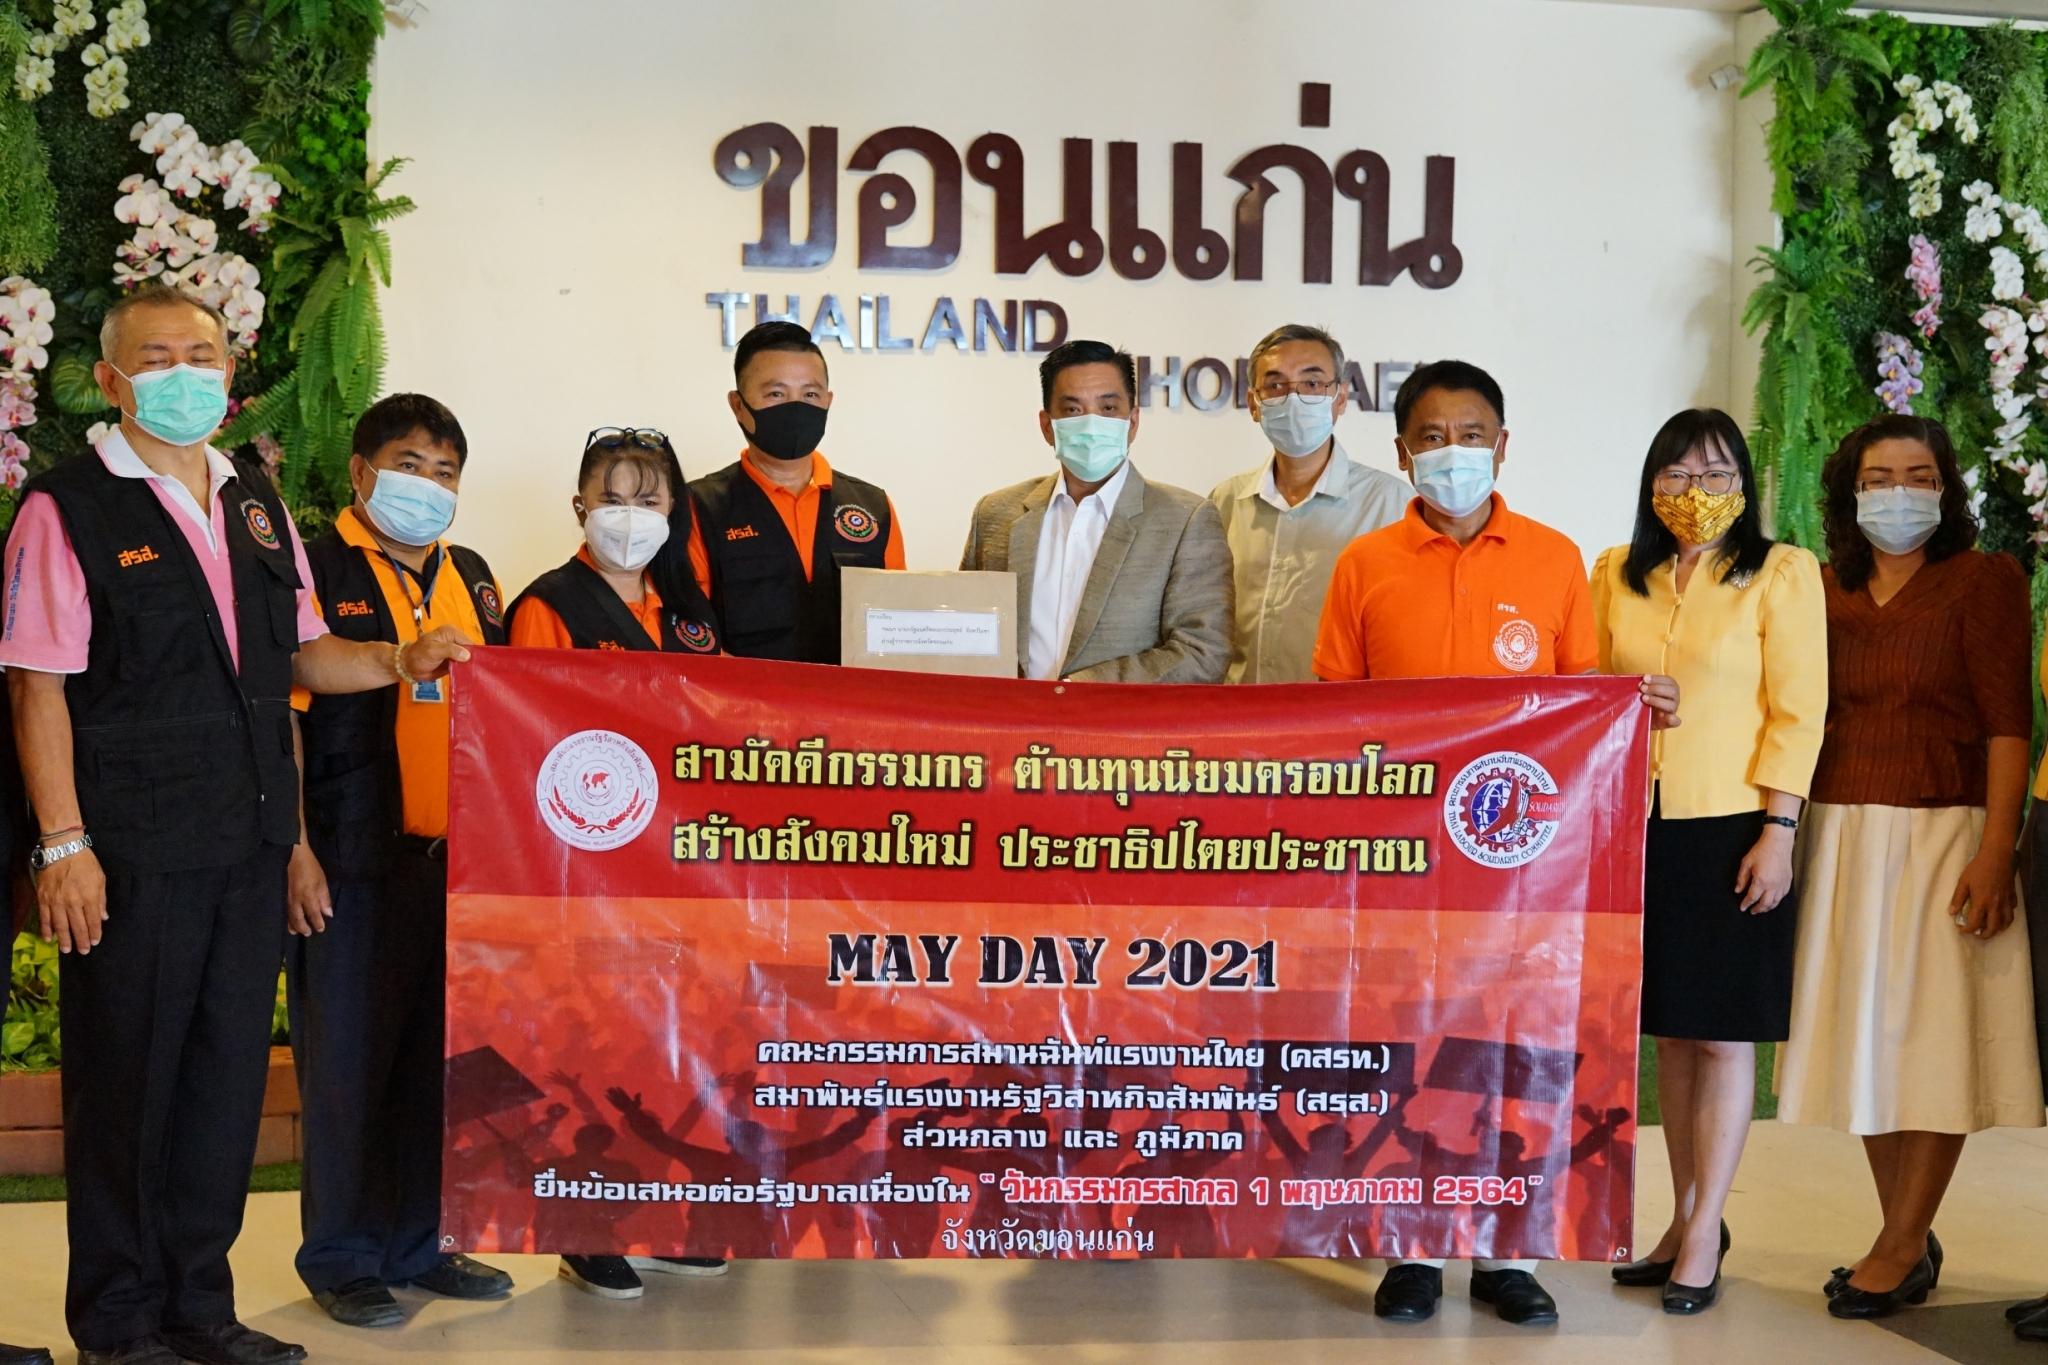 ด้วยเลขาธิการสมาพันธ์แรงงานรัฐวิสาหกิจสัมพันธ์ สาขาขอนแก่น (สรส) และเครือข่ายสมานฉันท์แรงงานไทย (ค ส ร ท .) ยื่หนังสือถึงนายกรัฐมนตรี พลเอกประยุทธ์ จันทร์โอชา ผ่านผู้ว่าราชการจังหวัด โดยมีนายศรัทธา คชพลายุกต์ รองผู้ว่าฯ เป็นผู้รับหนังสือเกี่ยวกับความปลอดในการทำงาน ค่าจ้าง สวัสดิการและคุณภาพชีวิตของกลุ่มผู้ใช้แรงงาน